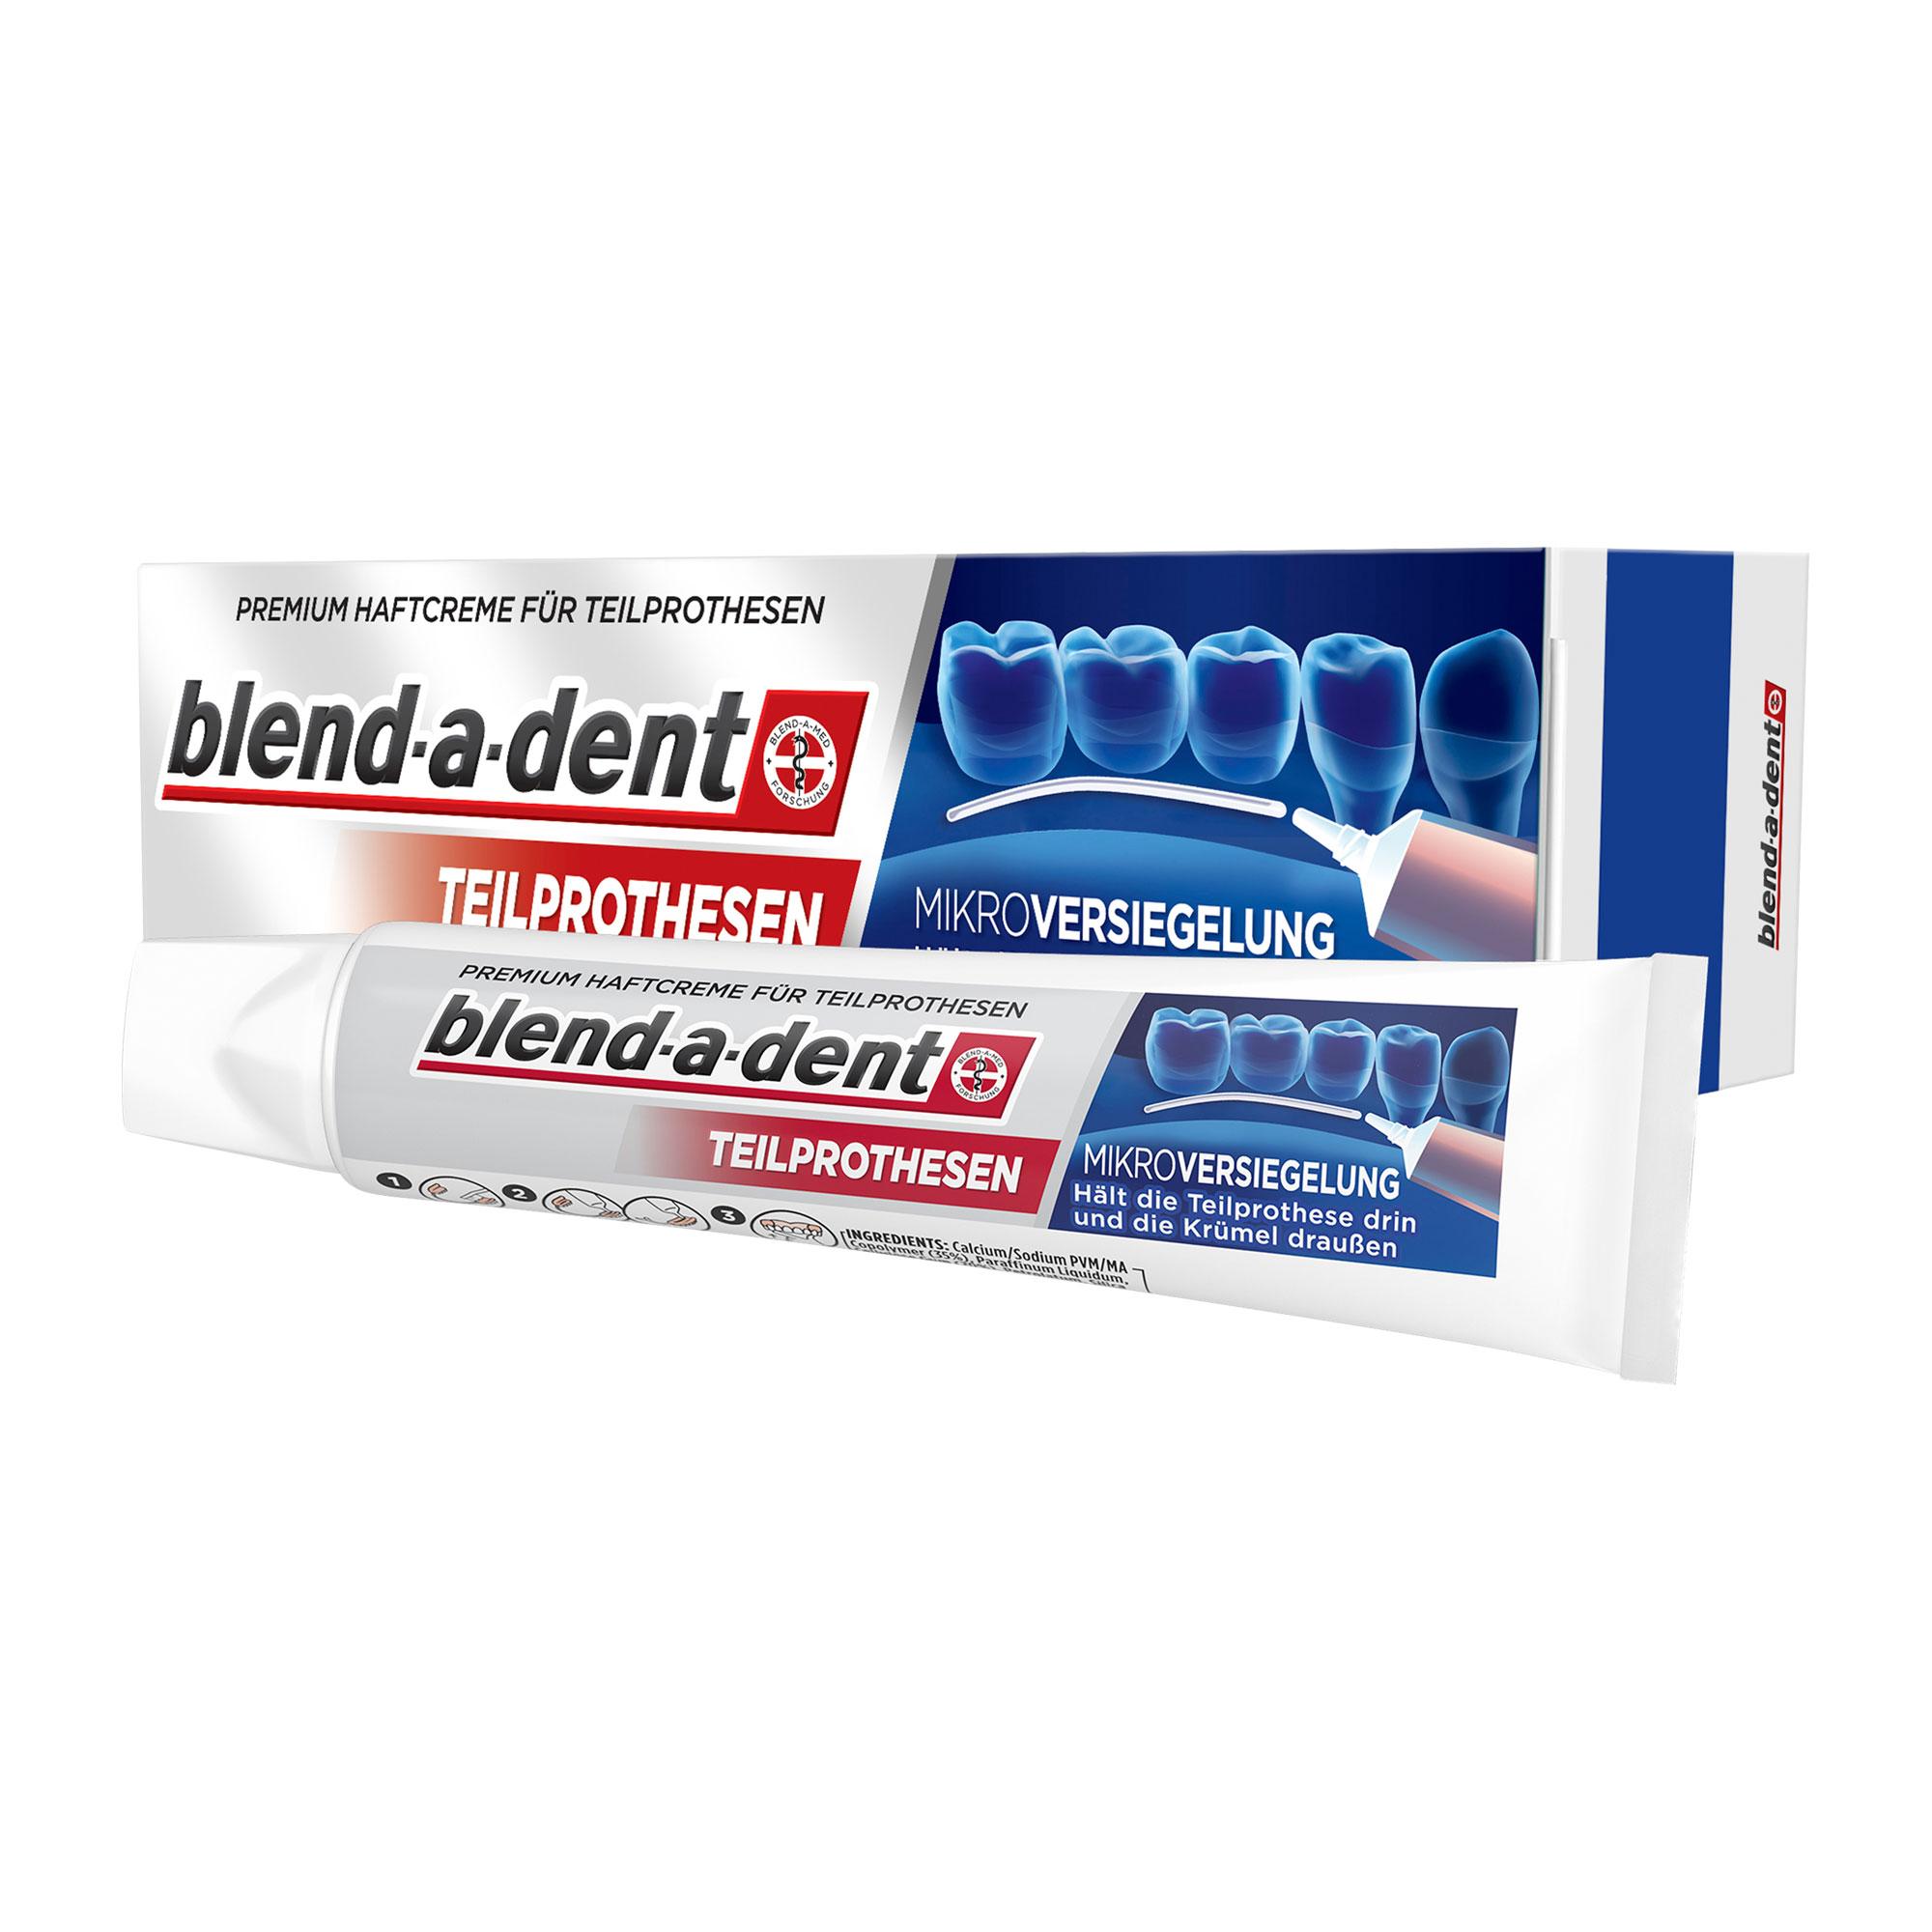 Blend-a-dent Premium-Haftcreme für Teilprothesen